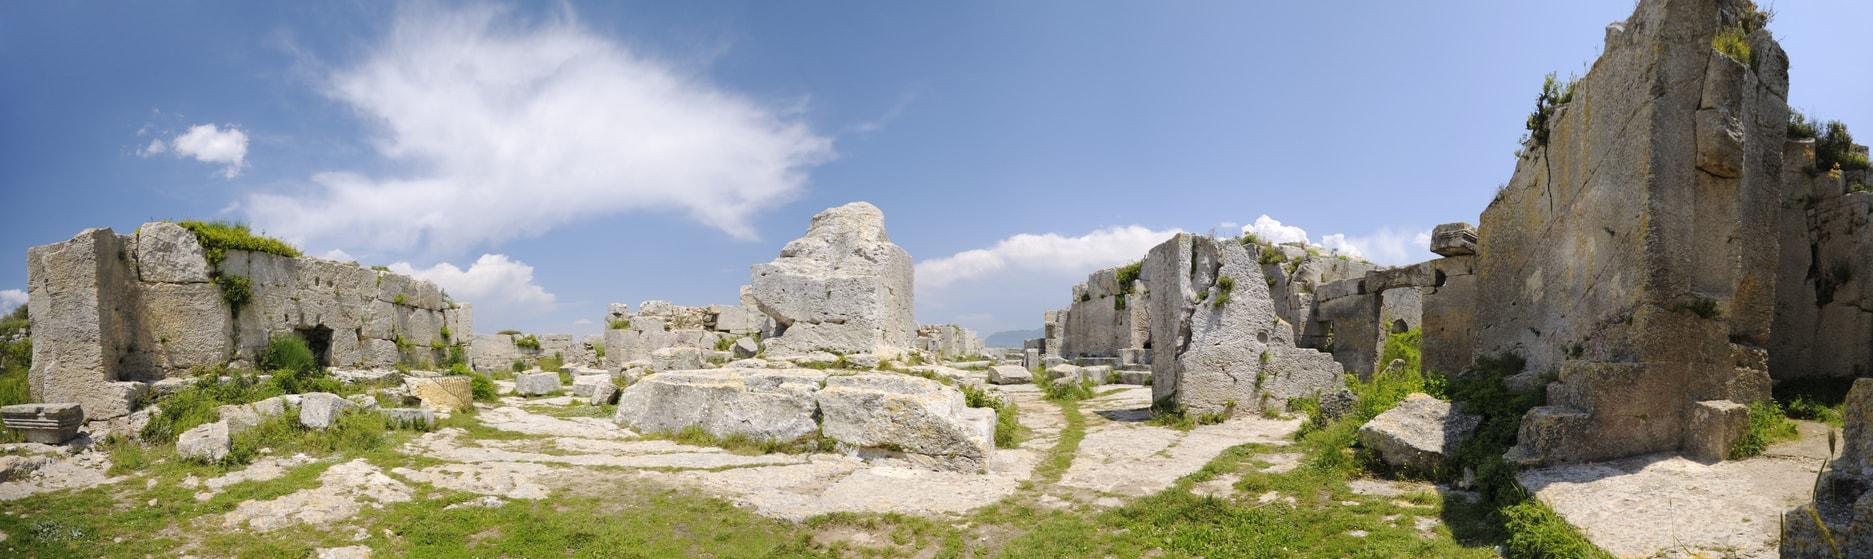 Hatay aziz simeon manastırı